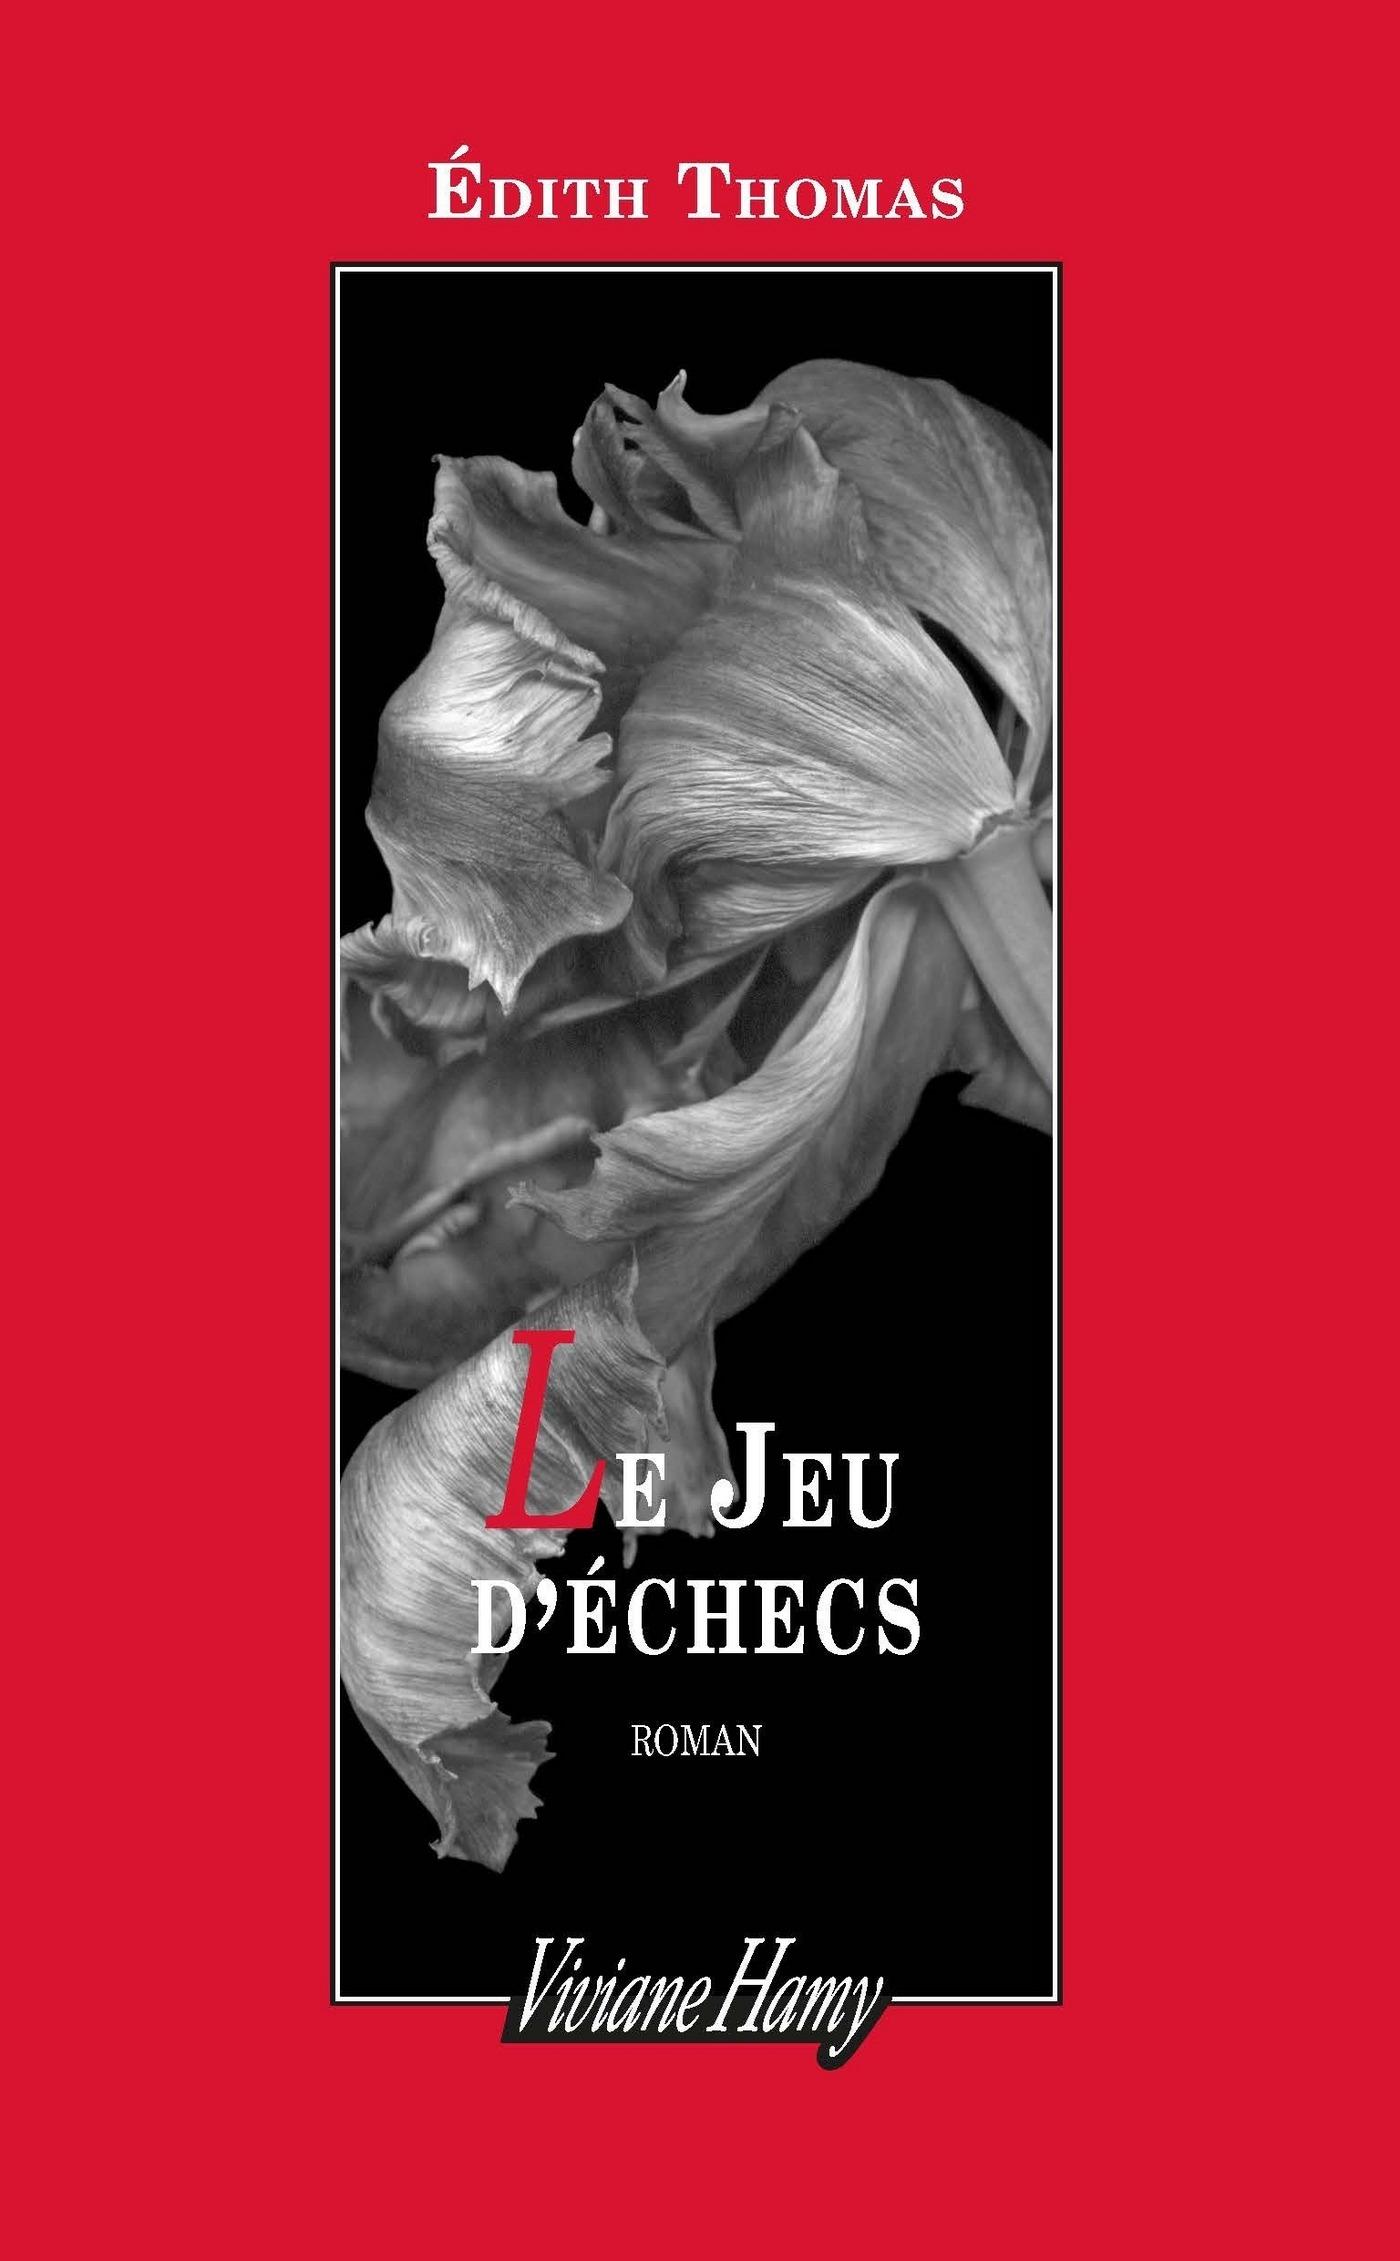 LE JEU D'ECHECS